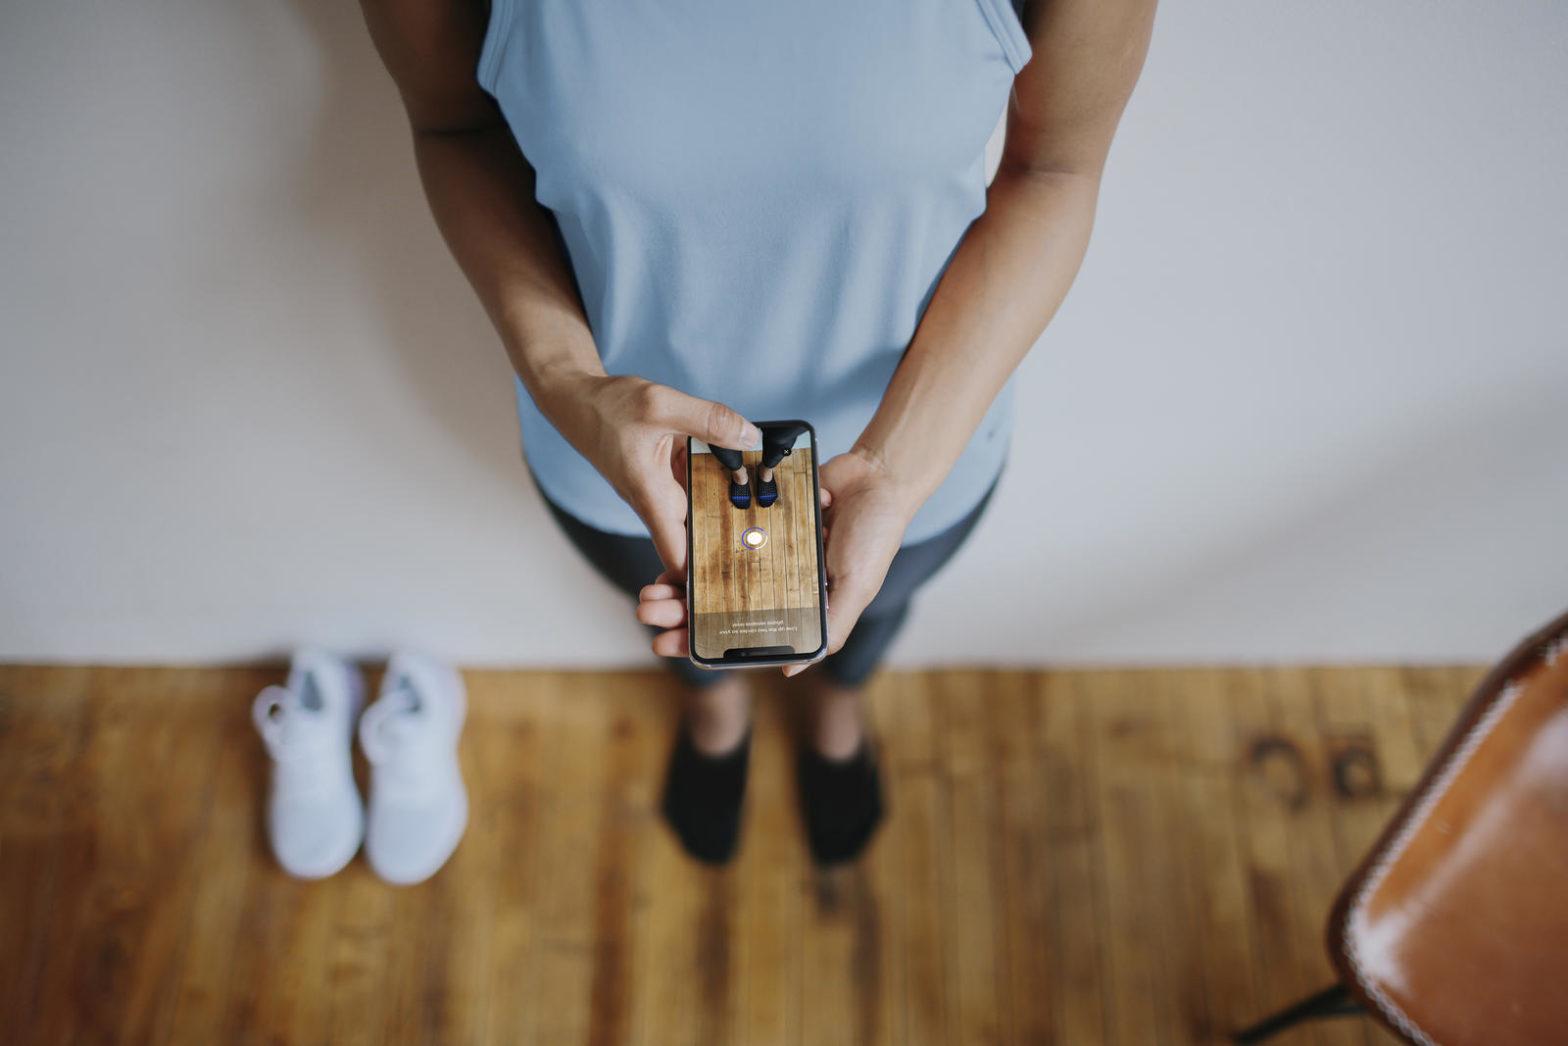 Le blog réalité augmentée Nike veut utiliser la réalité augmentée pour que vous choisissiez la bonne taille de basket